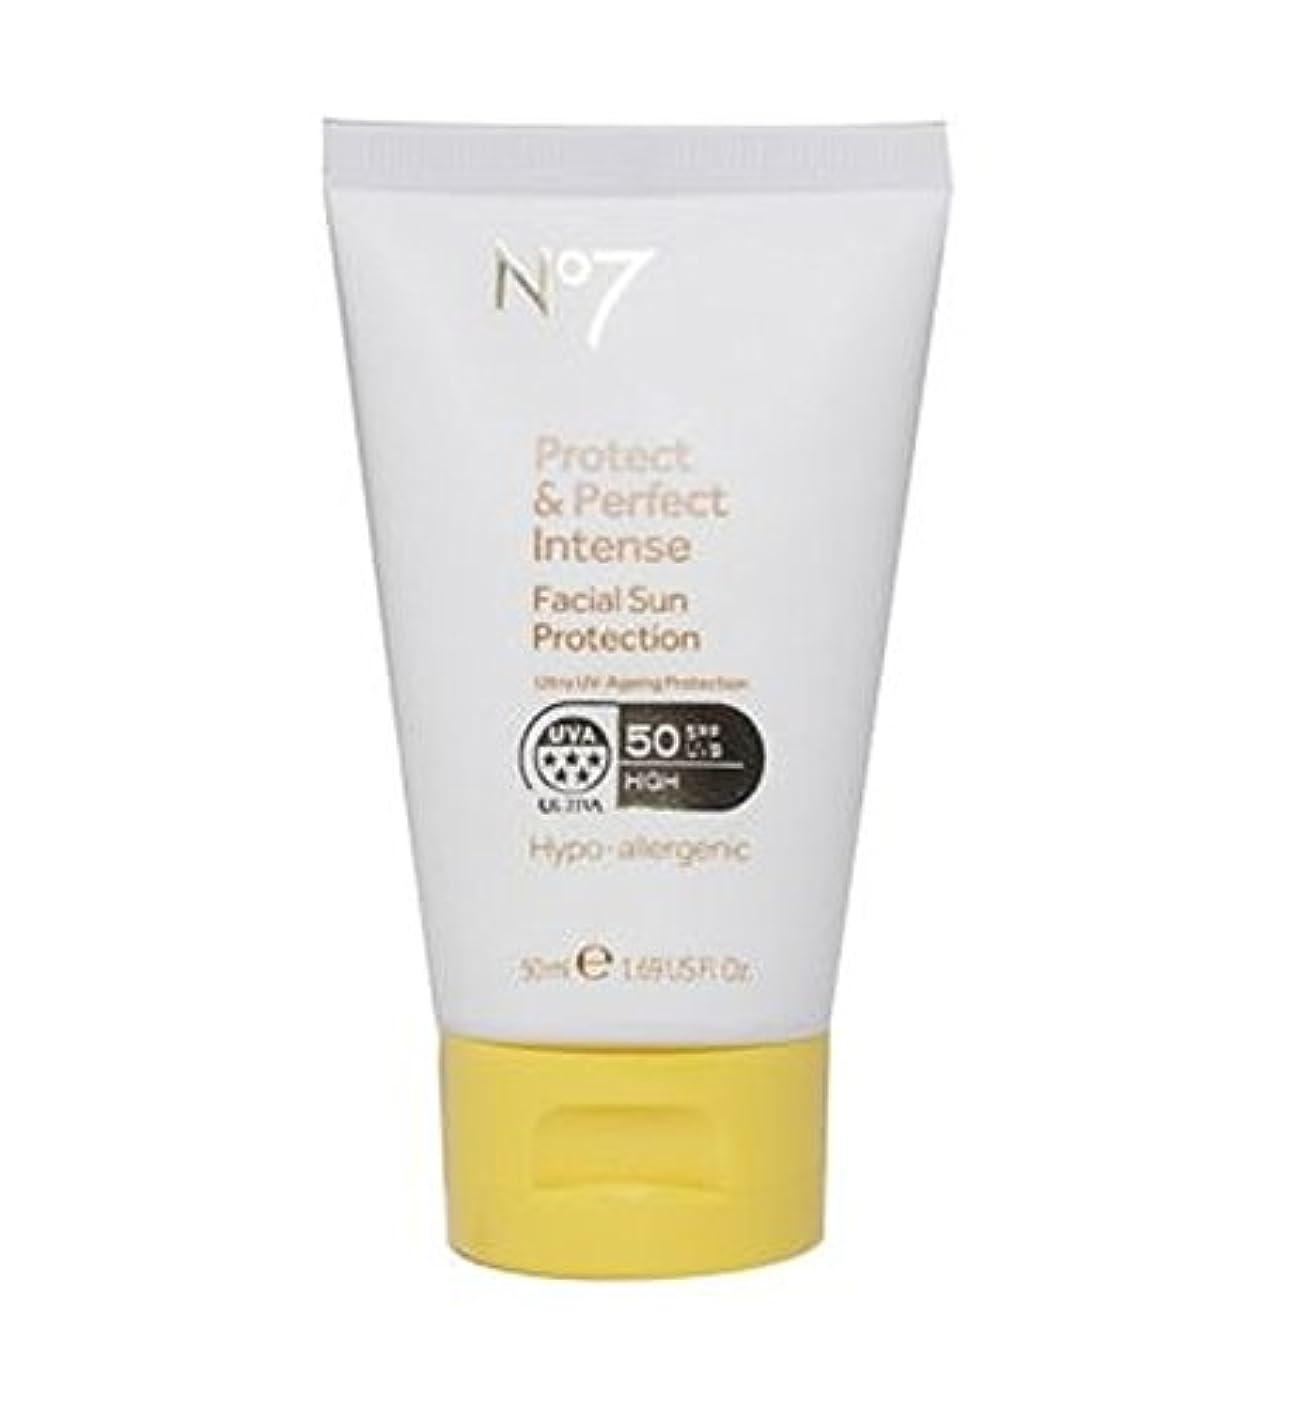 展示会タイプ手術No7保護&完璧な強烈な顔の日焼け防止Spf 50 50ミリリットル (No7) (x2) - No7 Protect & Perfect Intense Facial Sun Protection SPF 50 50ml...